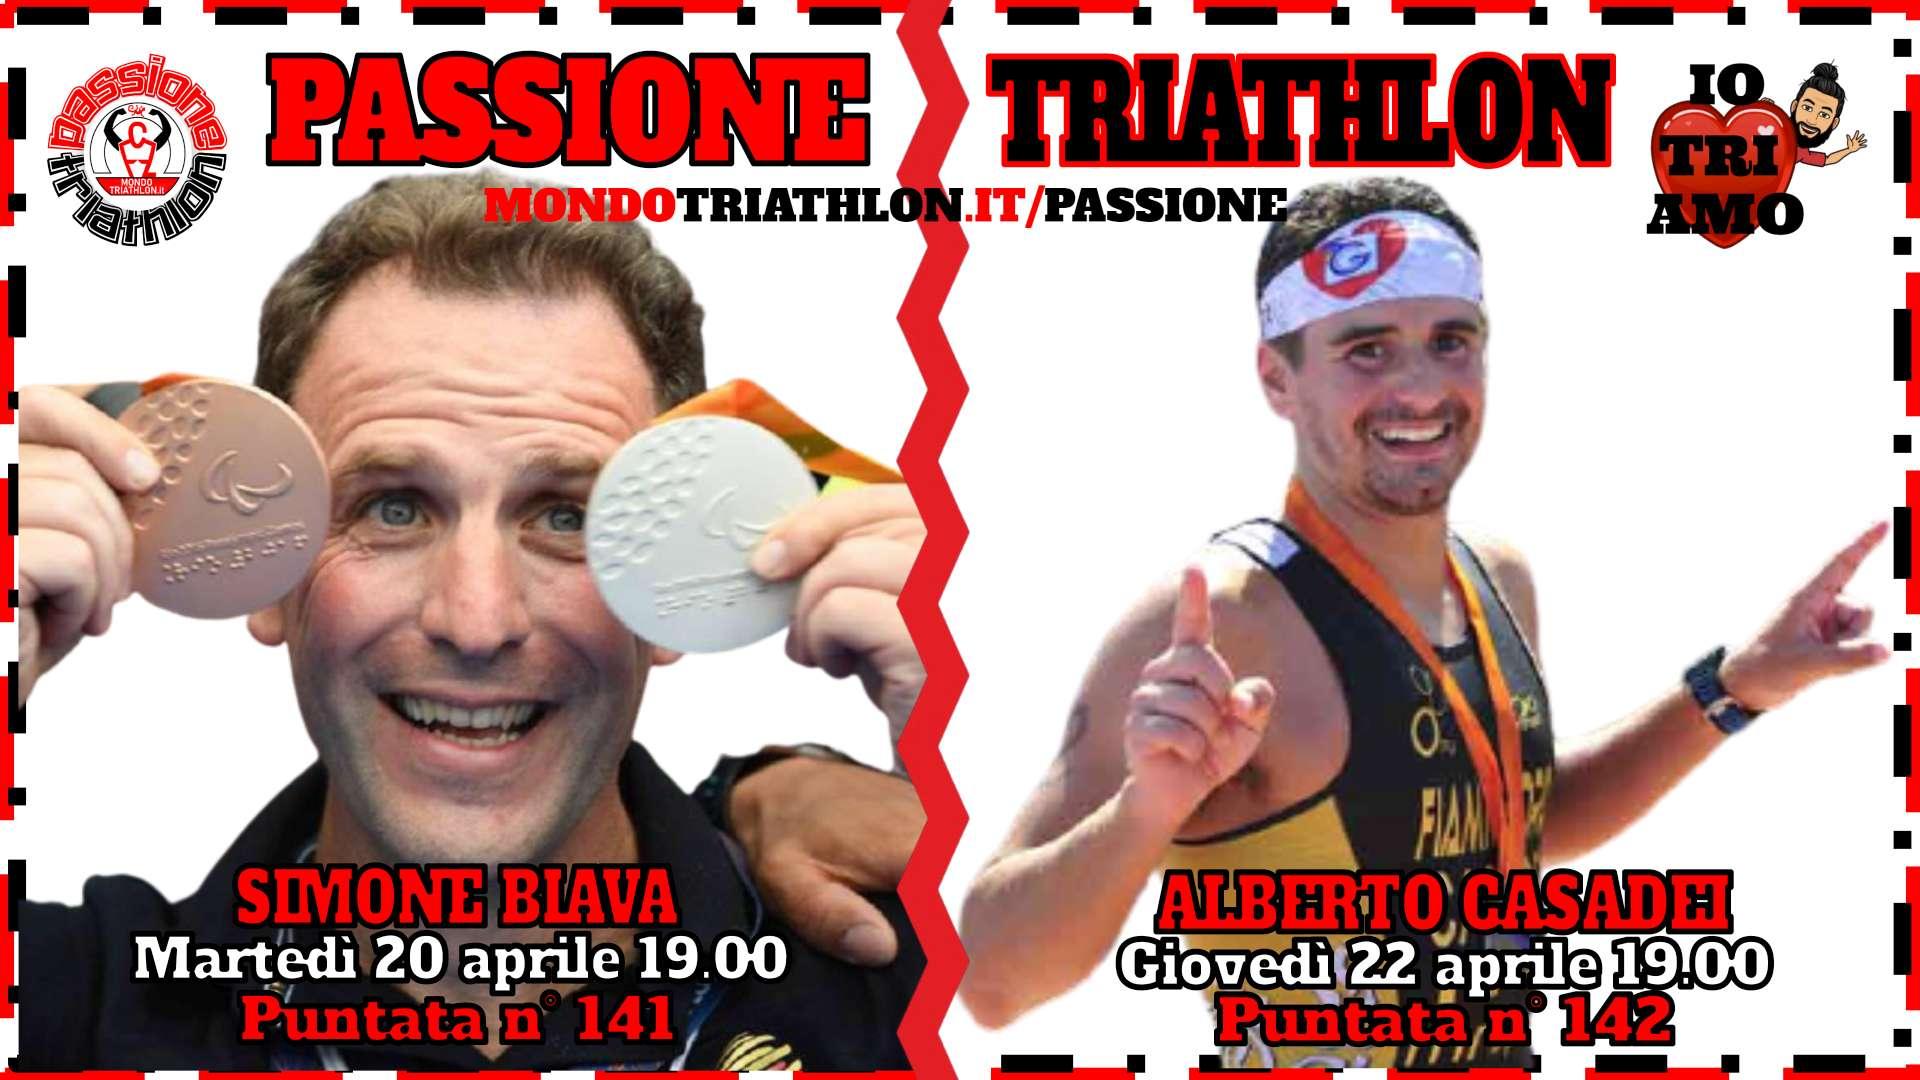 Passione Triathlon Protagonisti 20 e 22 aprile 2021